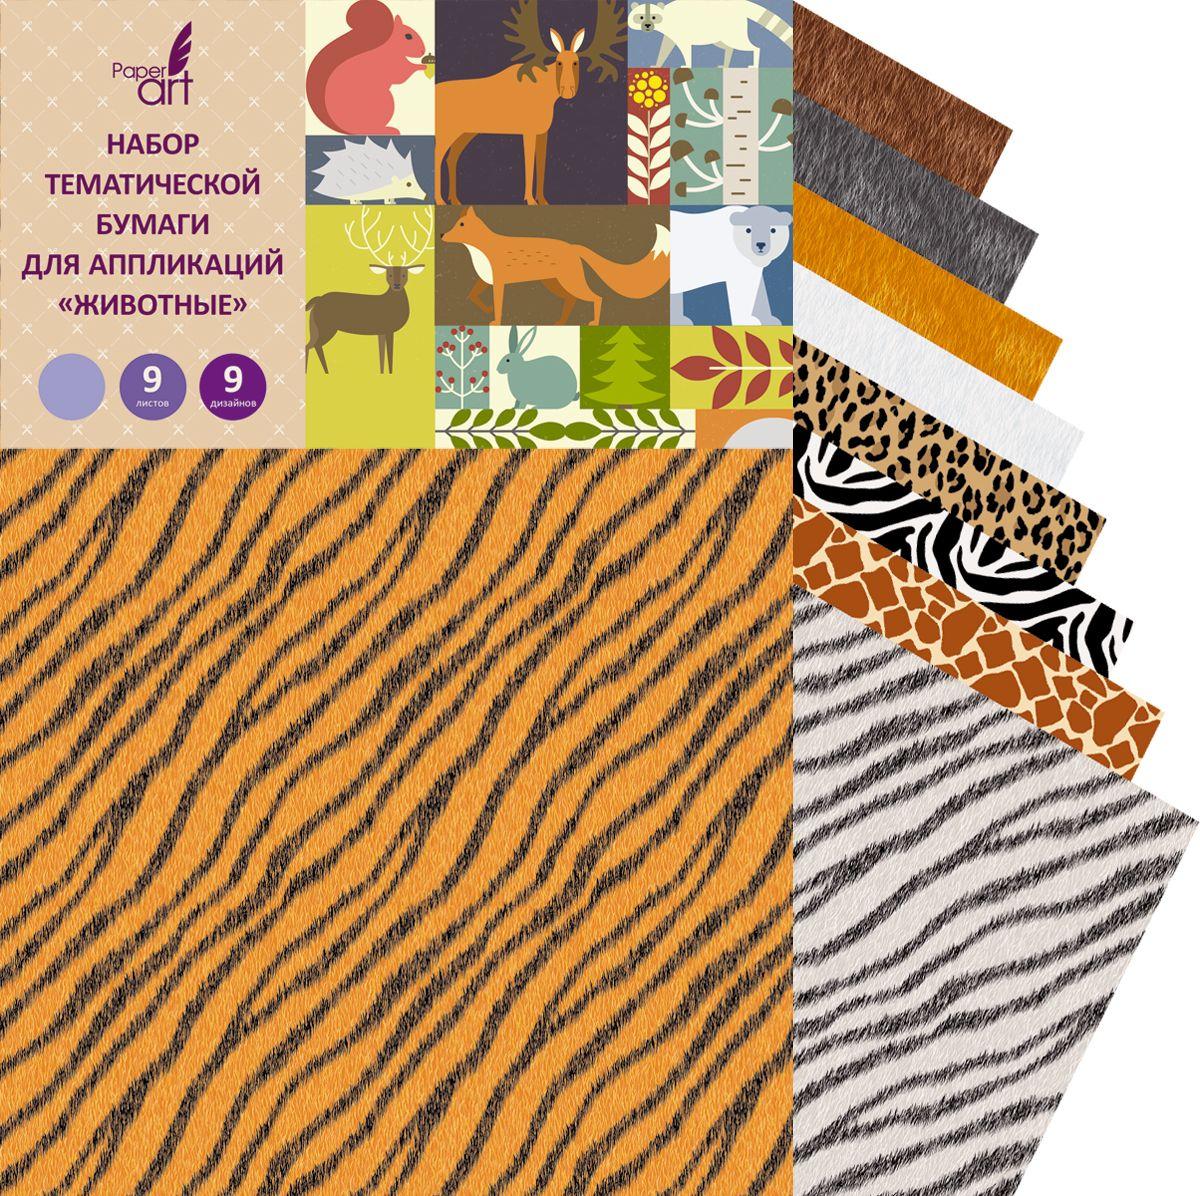 Канц-Эксмо Набор тематической бумаги для аппликаций Paper Art Животные 9 листов 9 дизайновНЦБТ9323Набор тематической бумаги для аппликаций Канц-Эксмо Paper Art. Животные позволит вам и вашему ребенку создавать всевозможные аппликации и поделки. Набор содержит 9 листов цветной бумаги 9 разных дизайнов. Создание поделок из цветной бумаги - это увлекательный процесс, способствующий развитию фантазии и творческого мышления.Набор прекрасно подойдет для рисования, создания аппликаций, оригами, изготовления различных поделок и открыток. Рекомендуем!